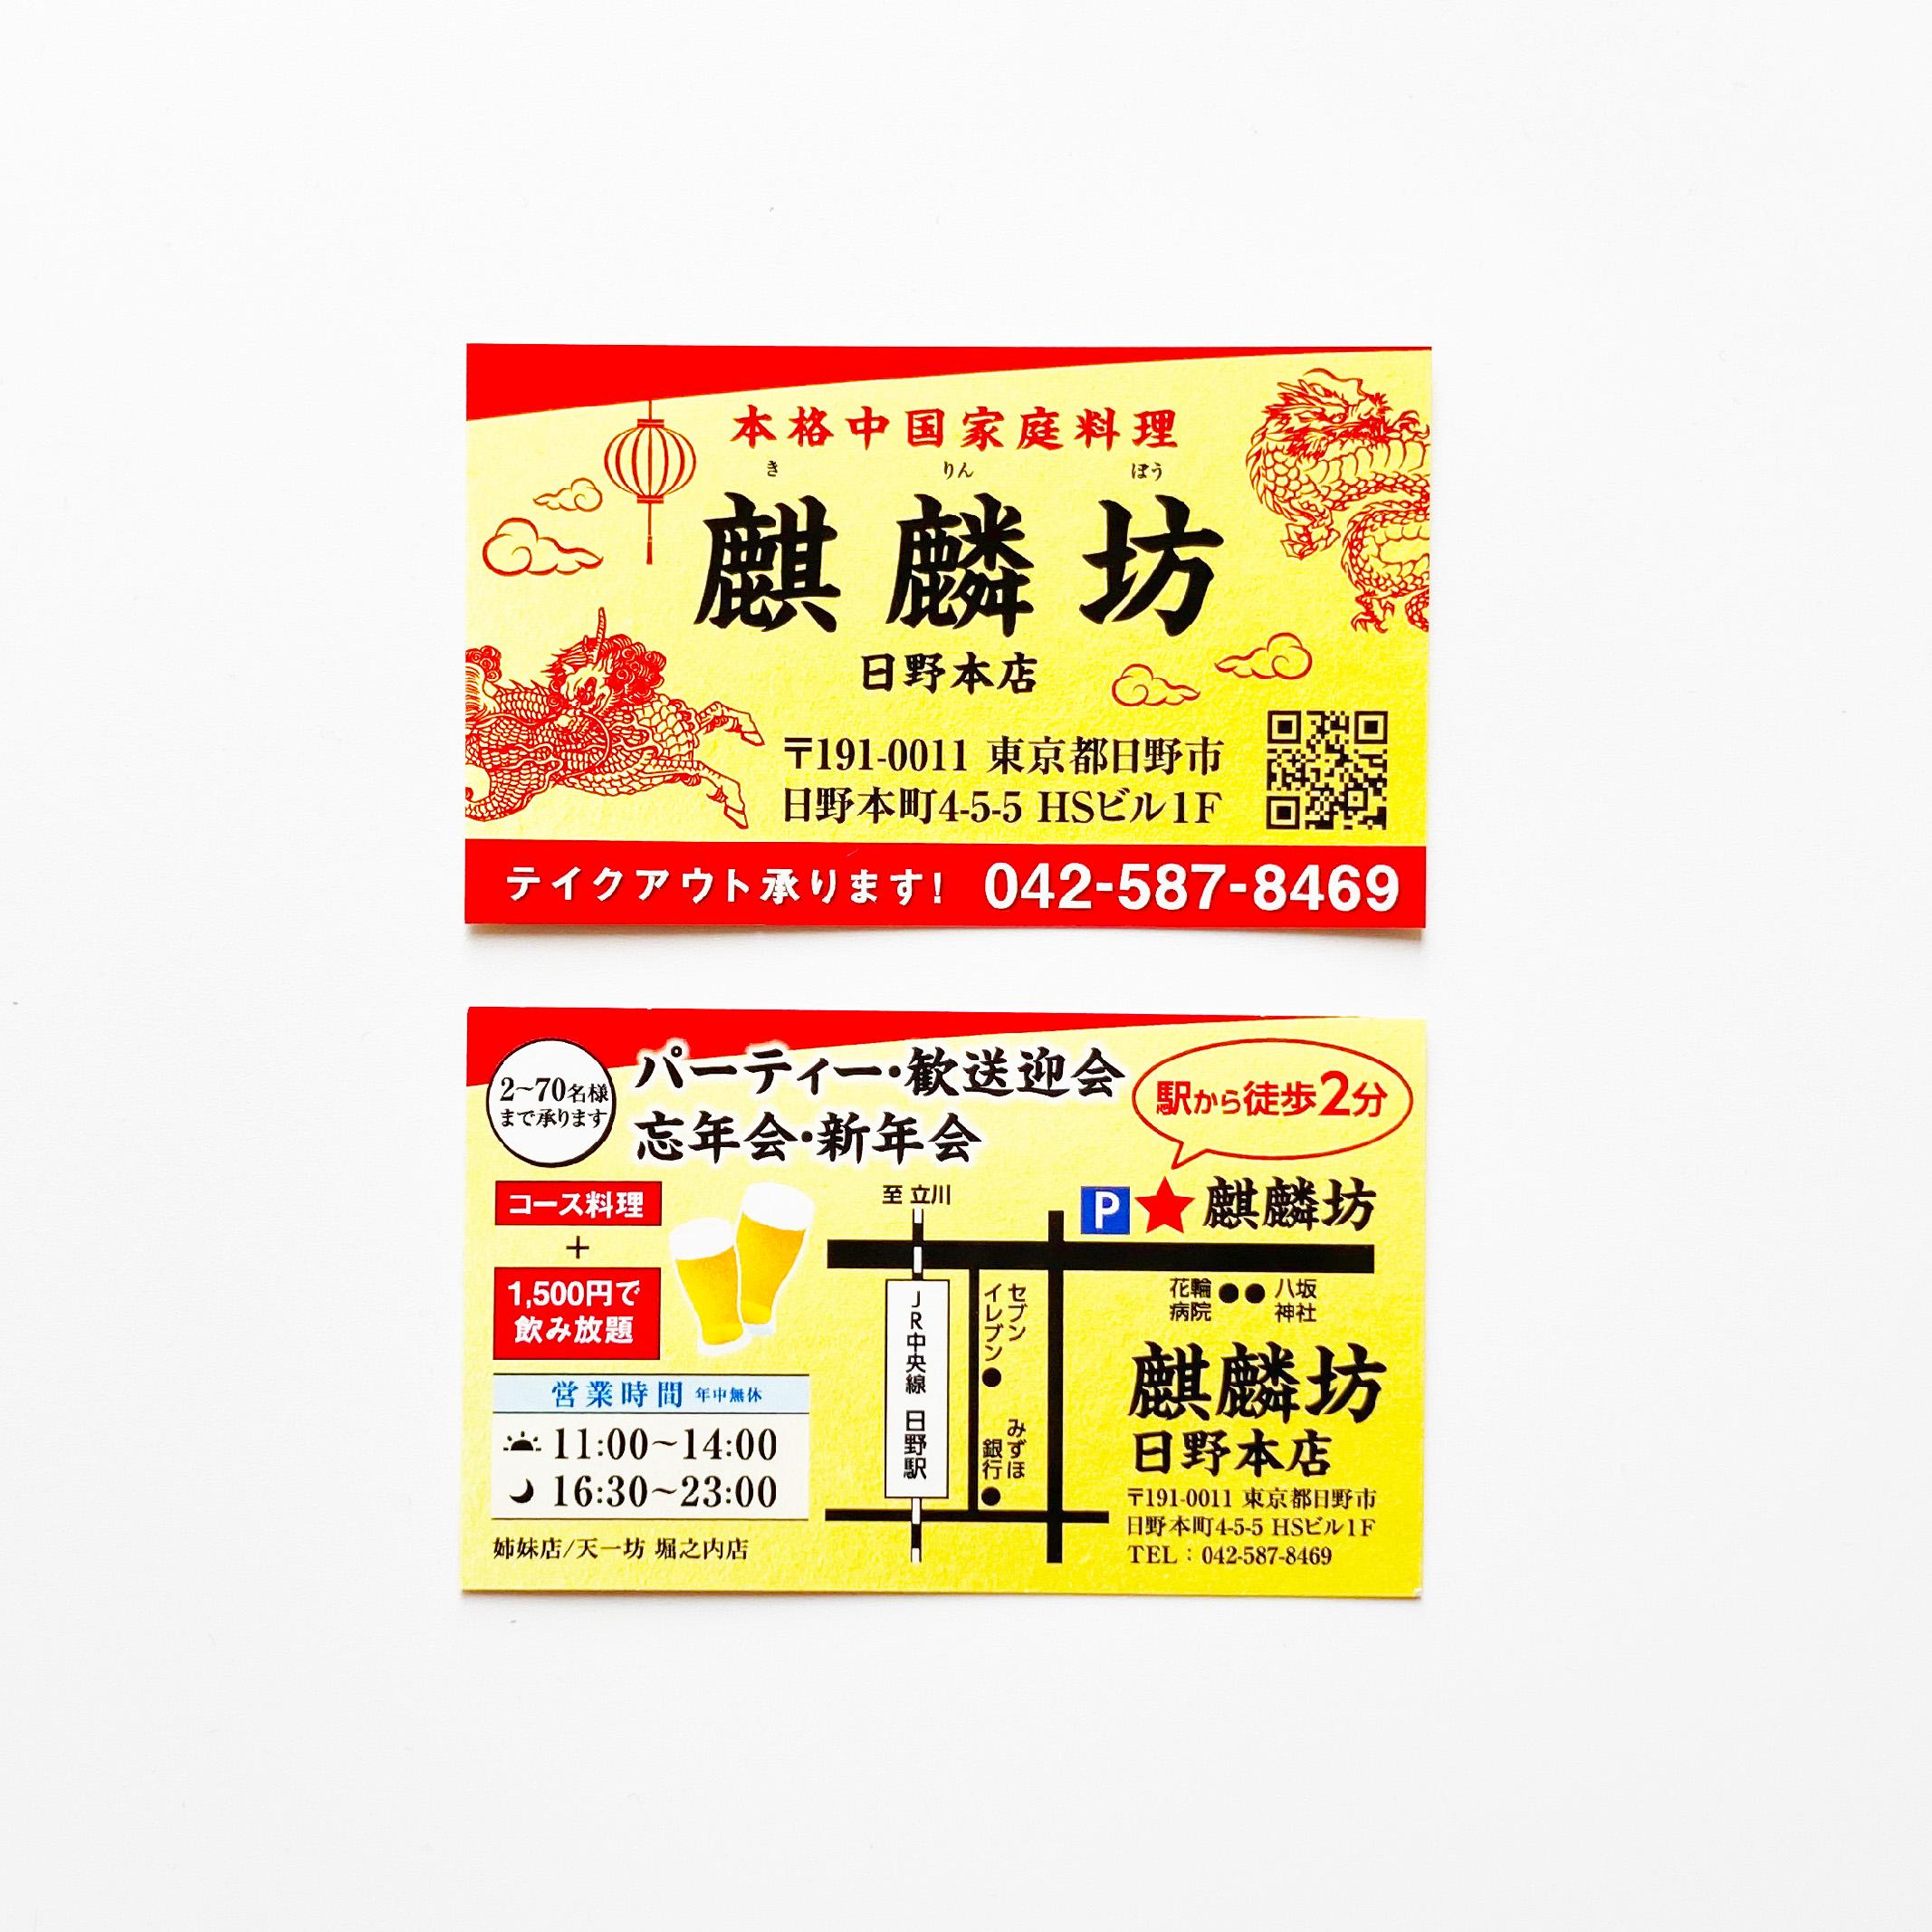 中華店_ショップカード